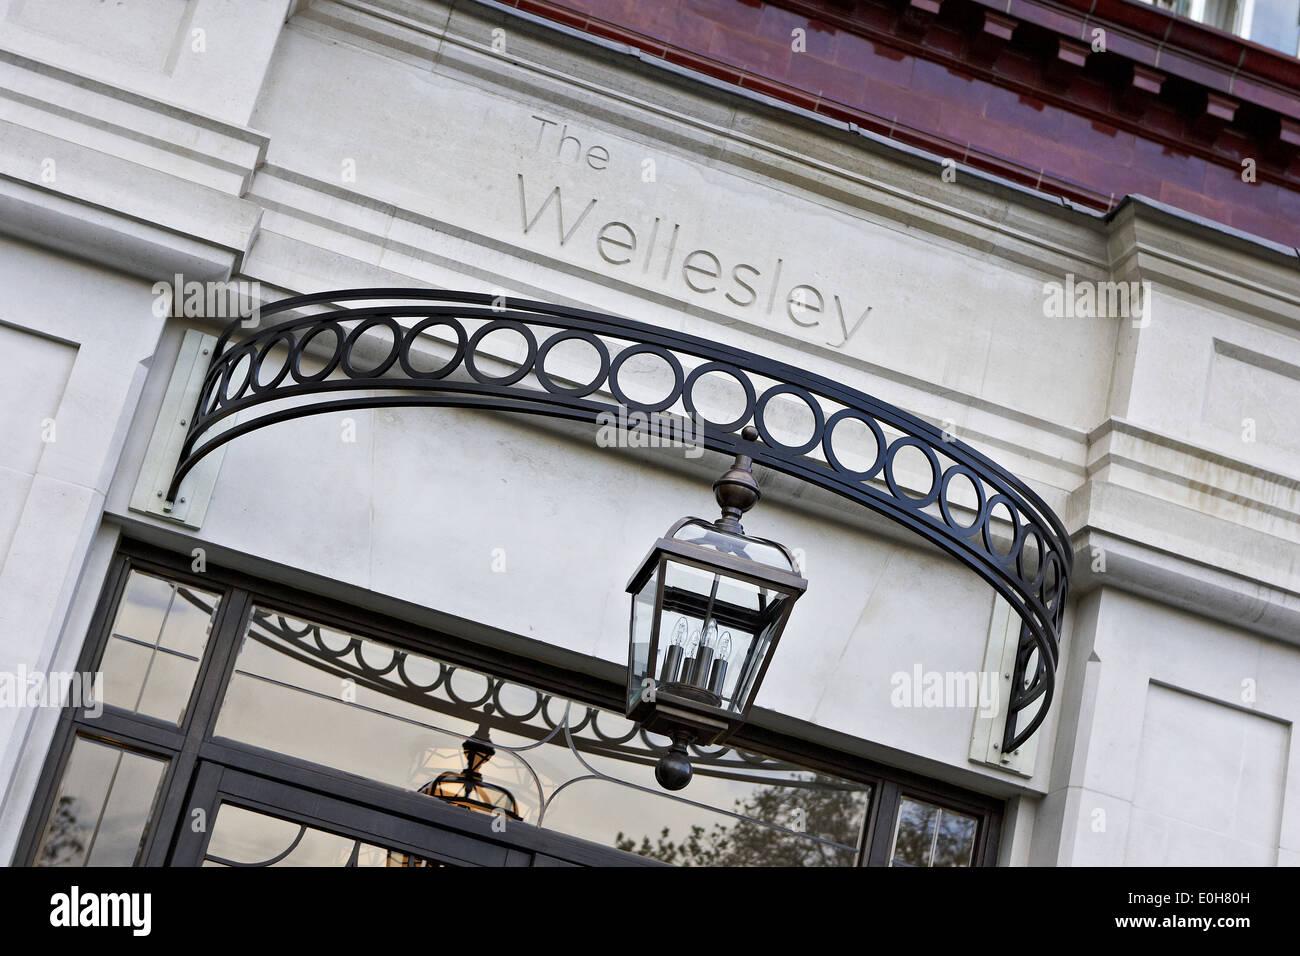 the wellesley hotel, london uk - Stock Image